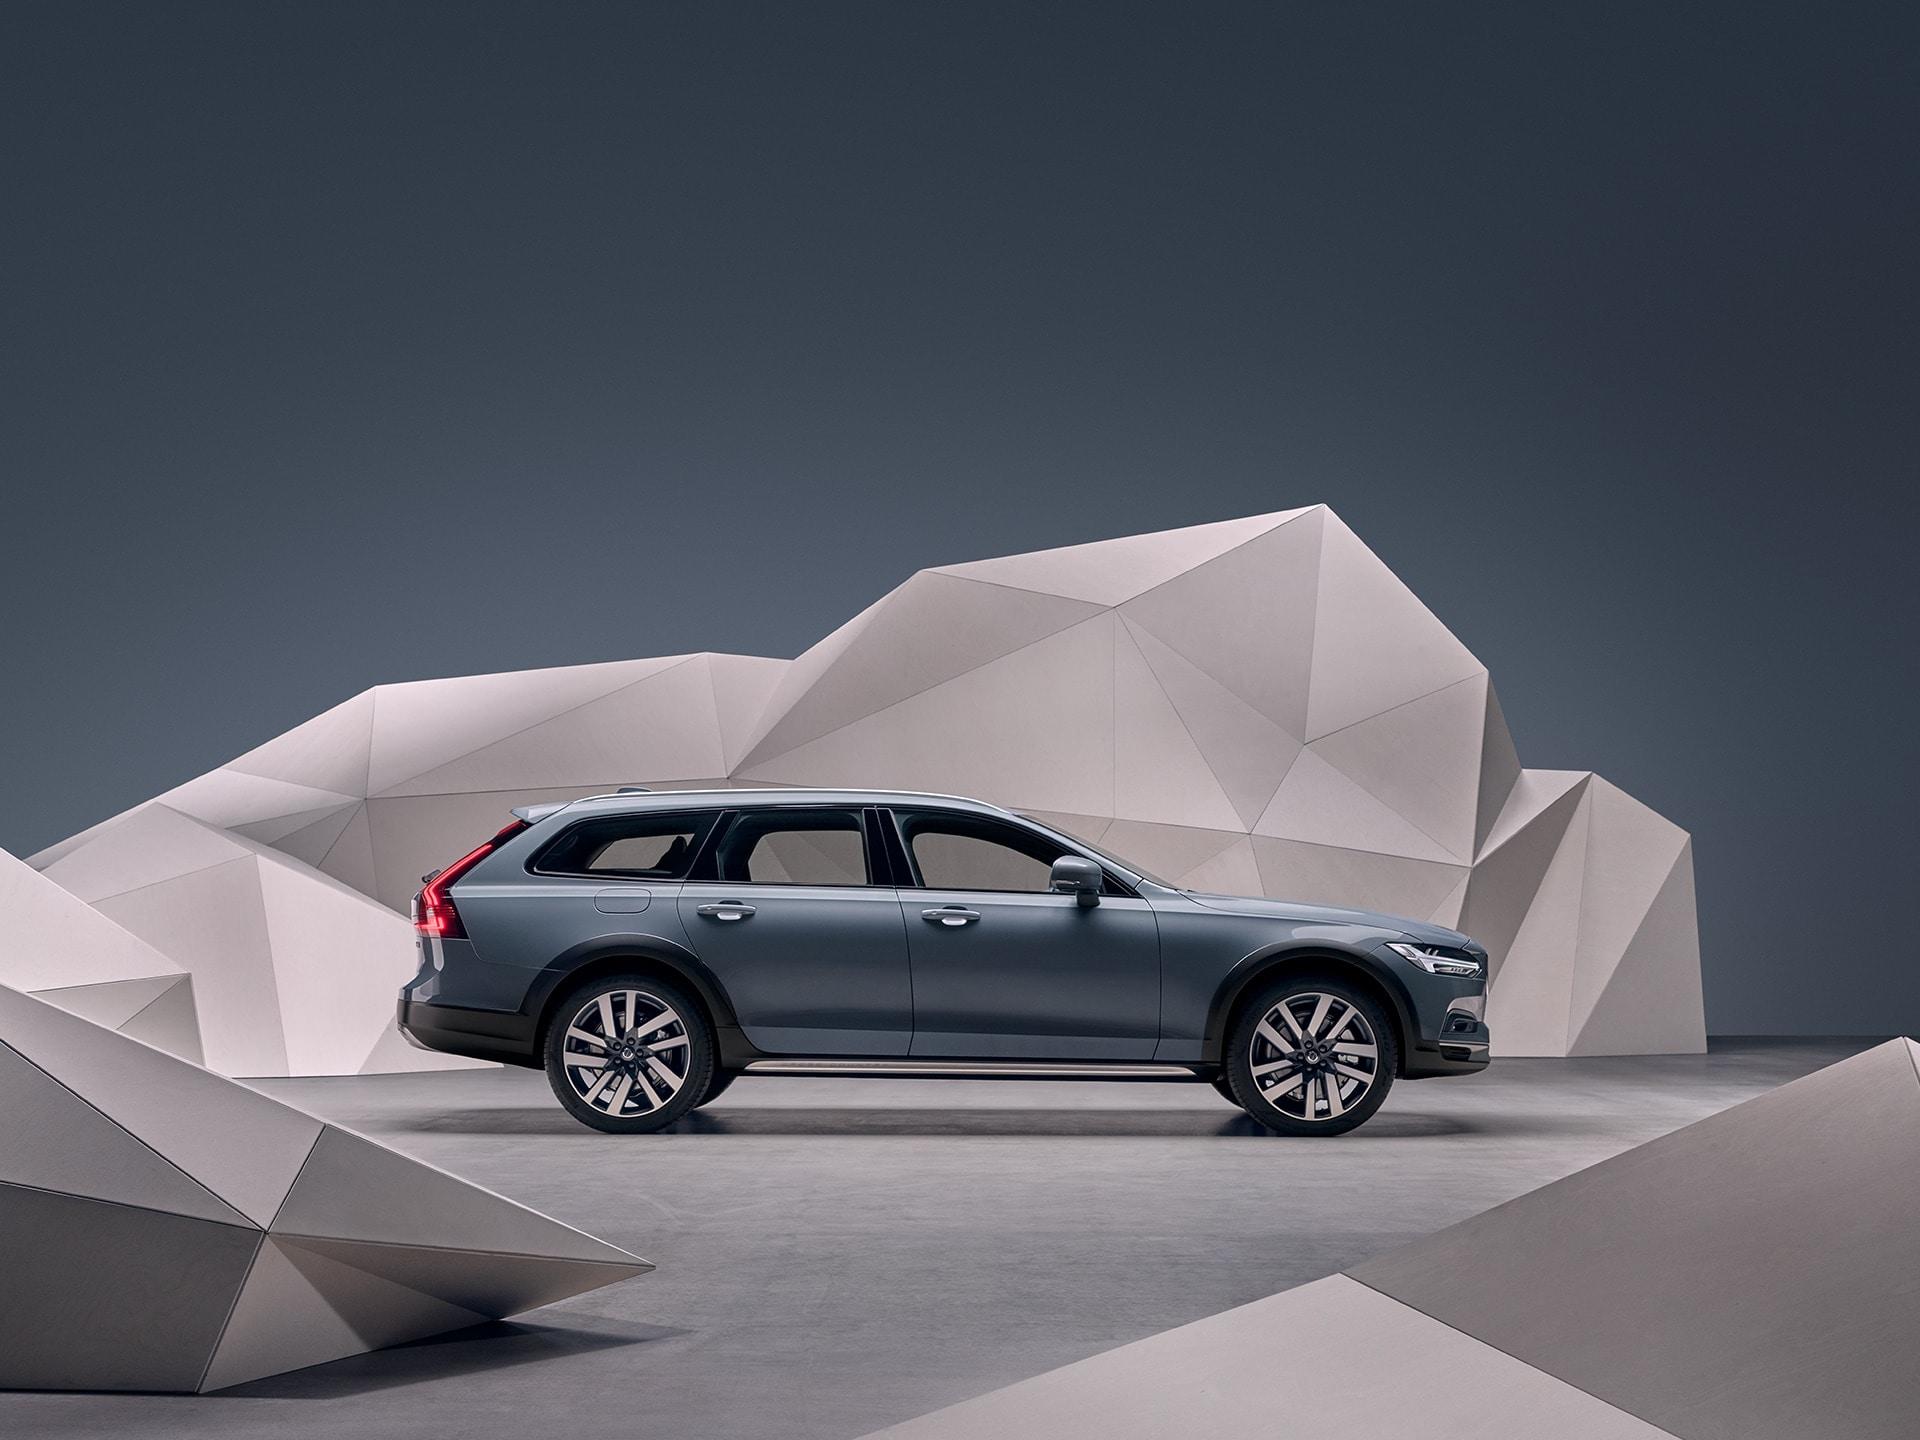 Uma Volvo V90 Cross Country na cor Azul Mussel metalizado parada em frente a uma parede artística